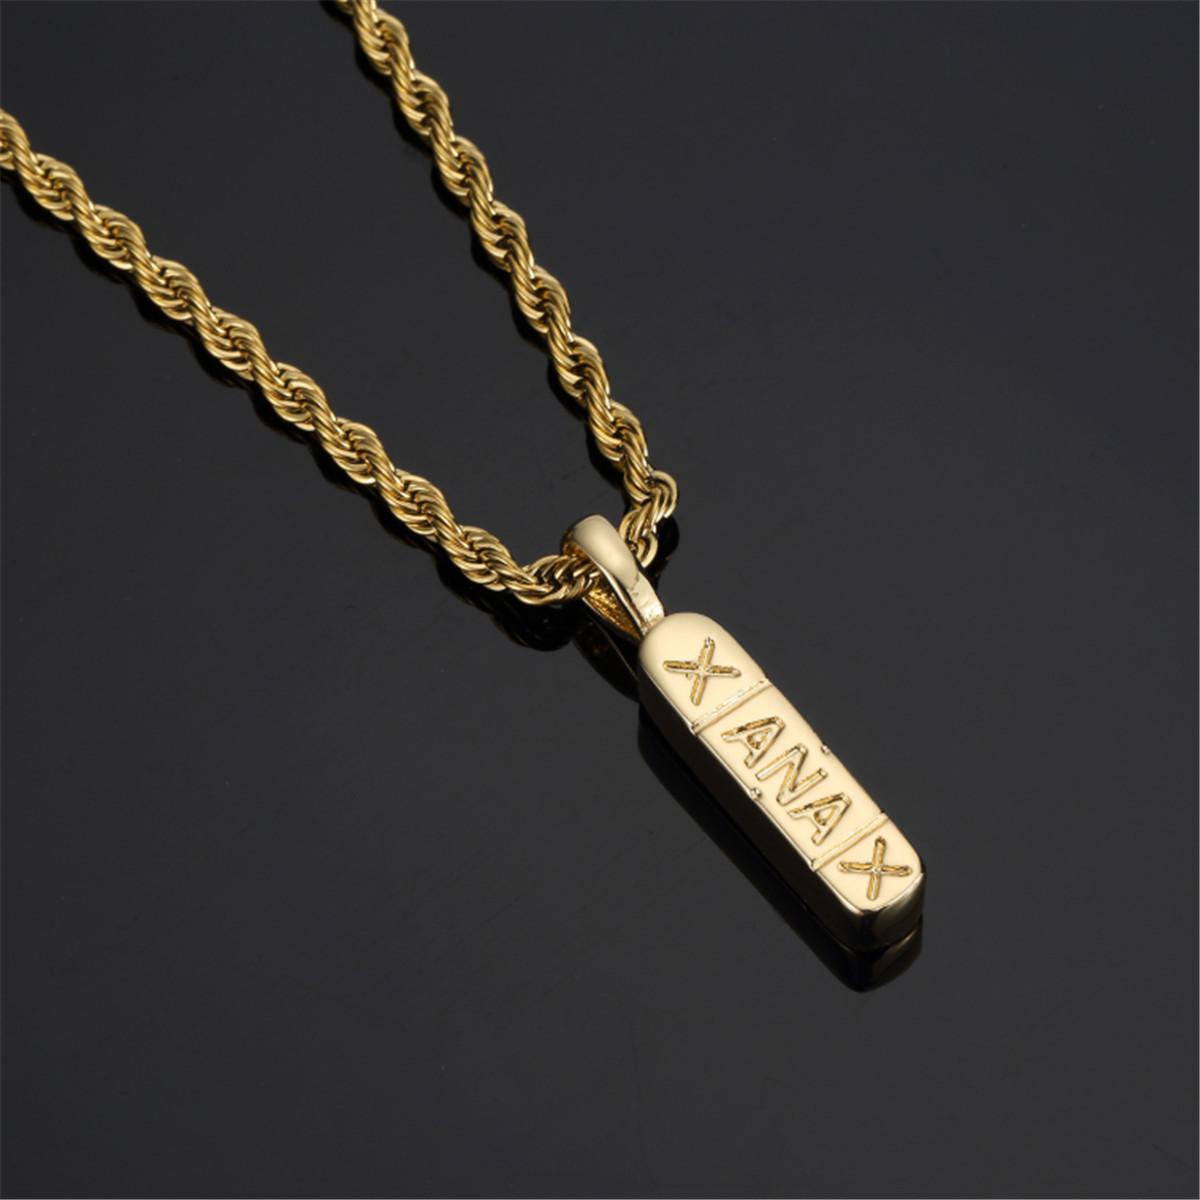 81d7da8eeeb16 Details about 18k Gold Silver Plated Xanax Pendant Hip Hop 24